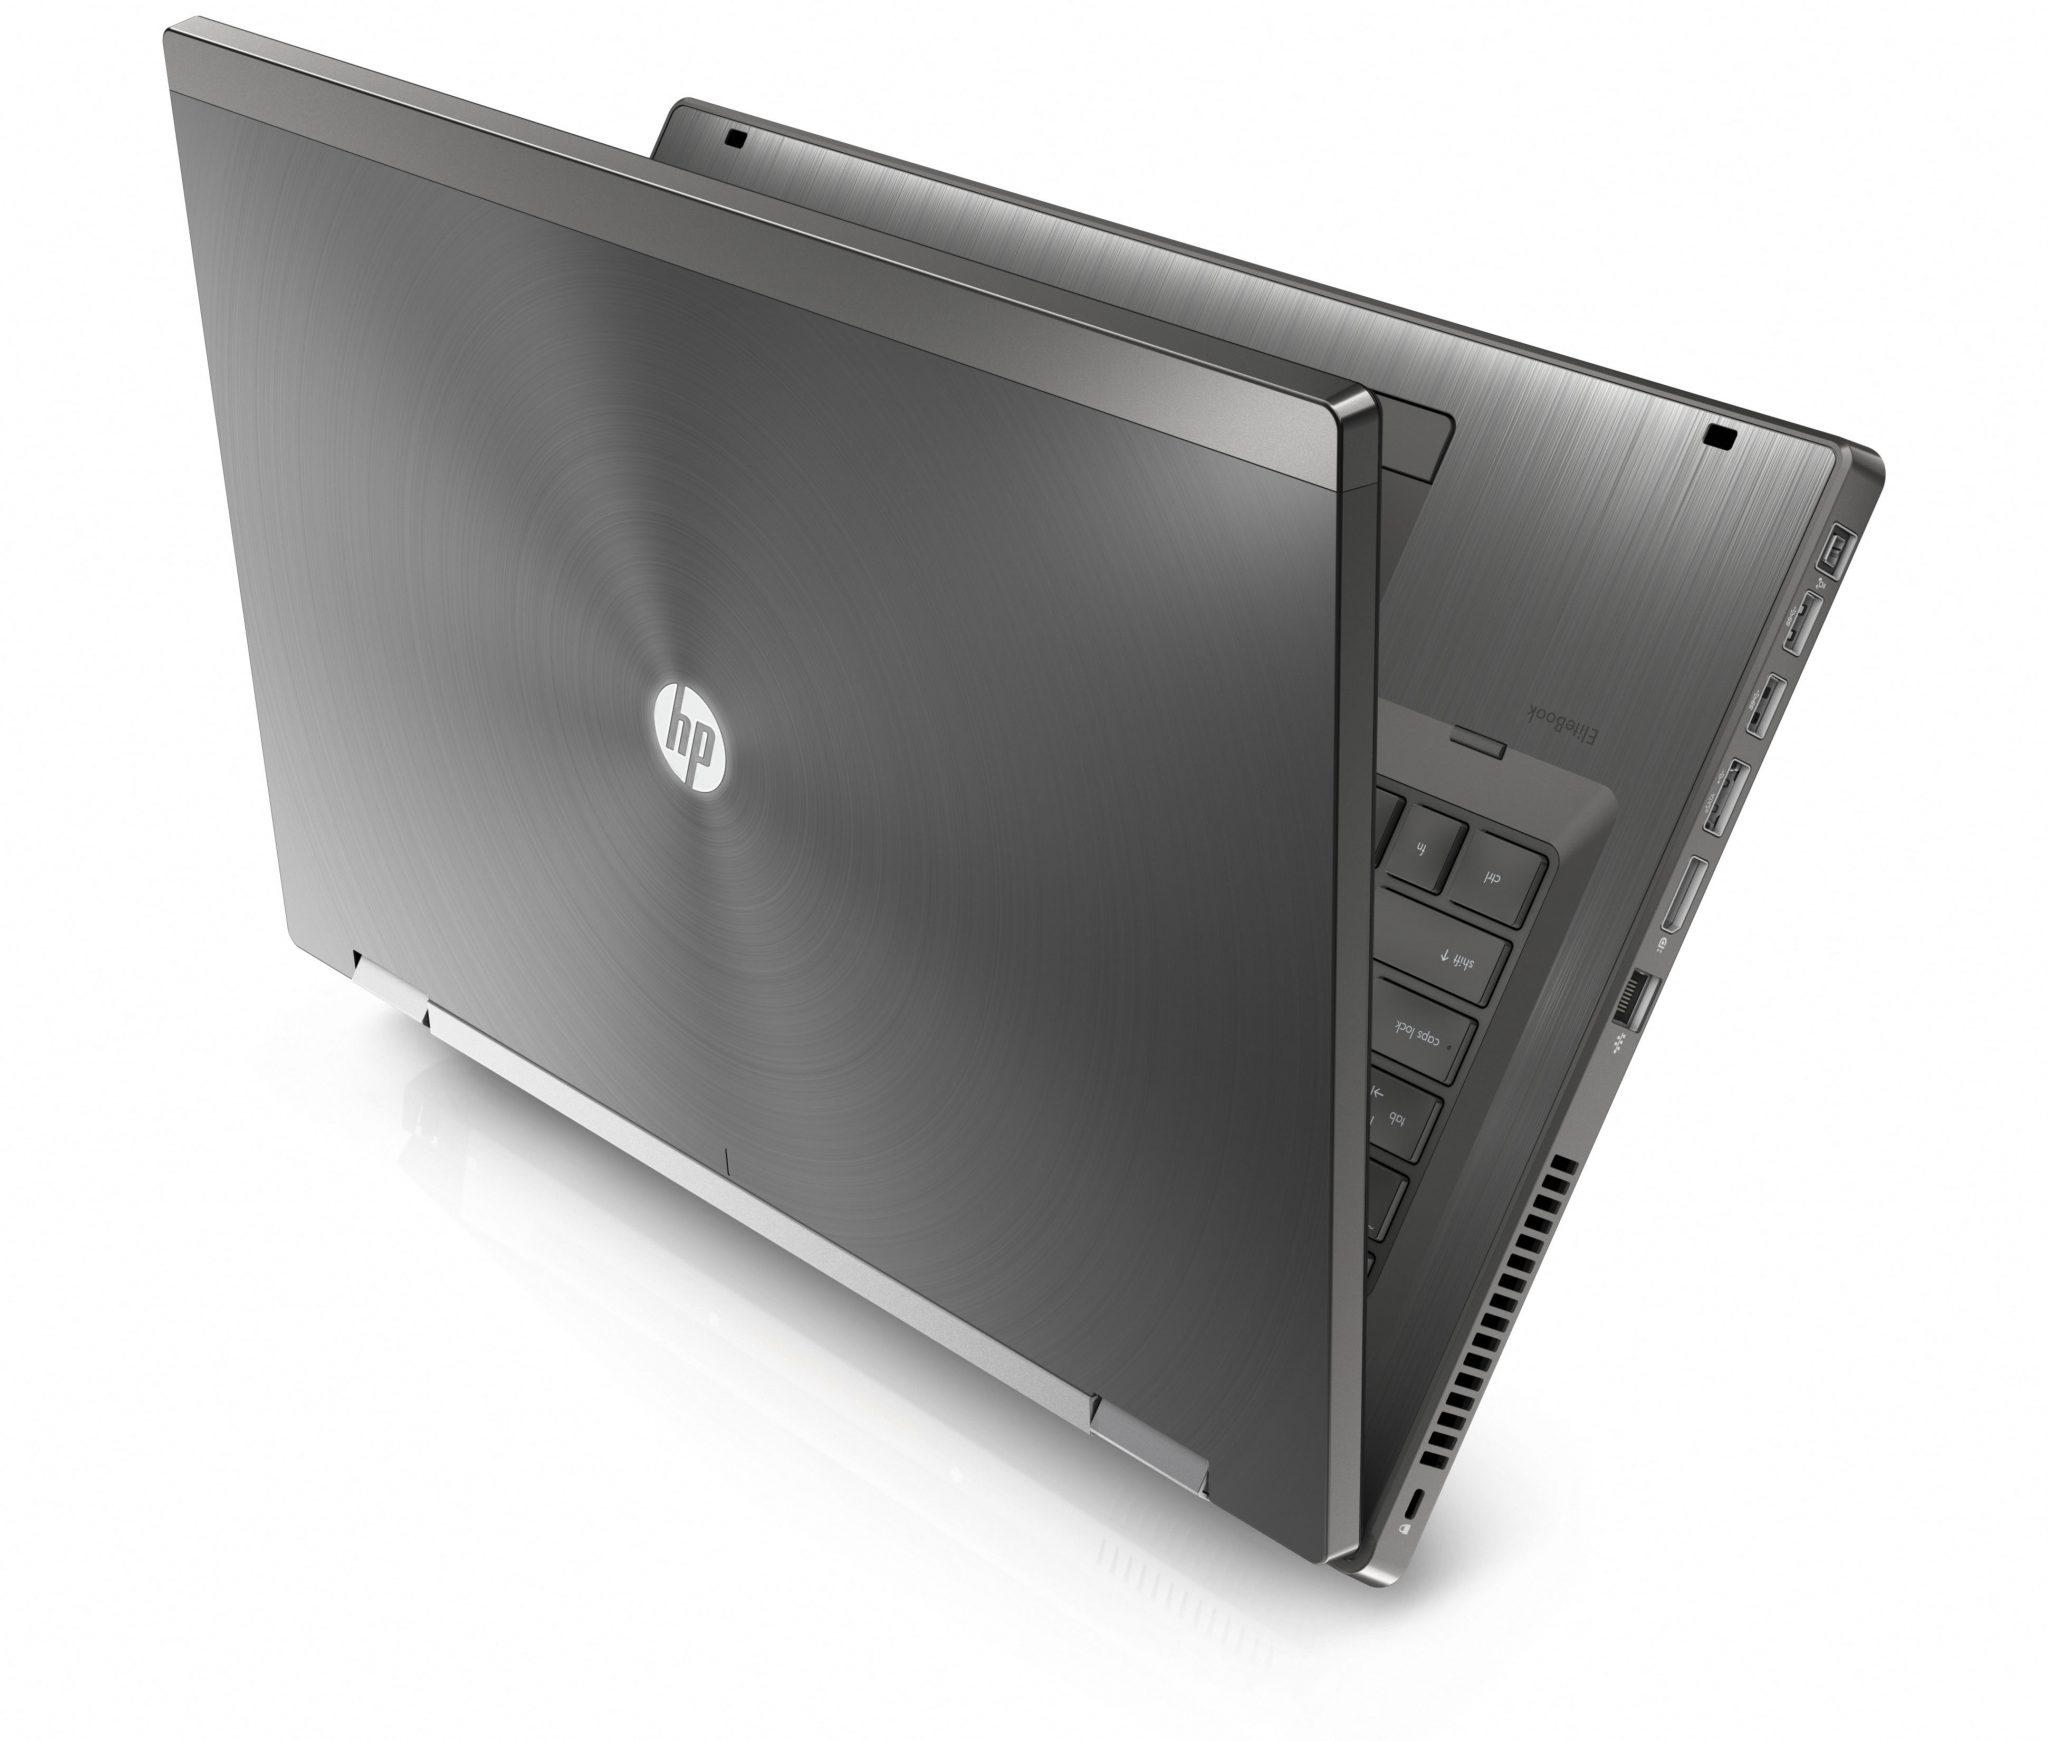 لابتوب وورك ستيشن HP 8760W - هاردين - رام 32 جيجا - كارت شاشة AMD FirePro